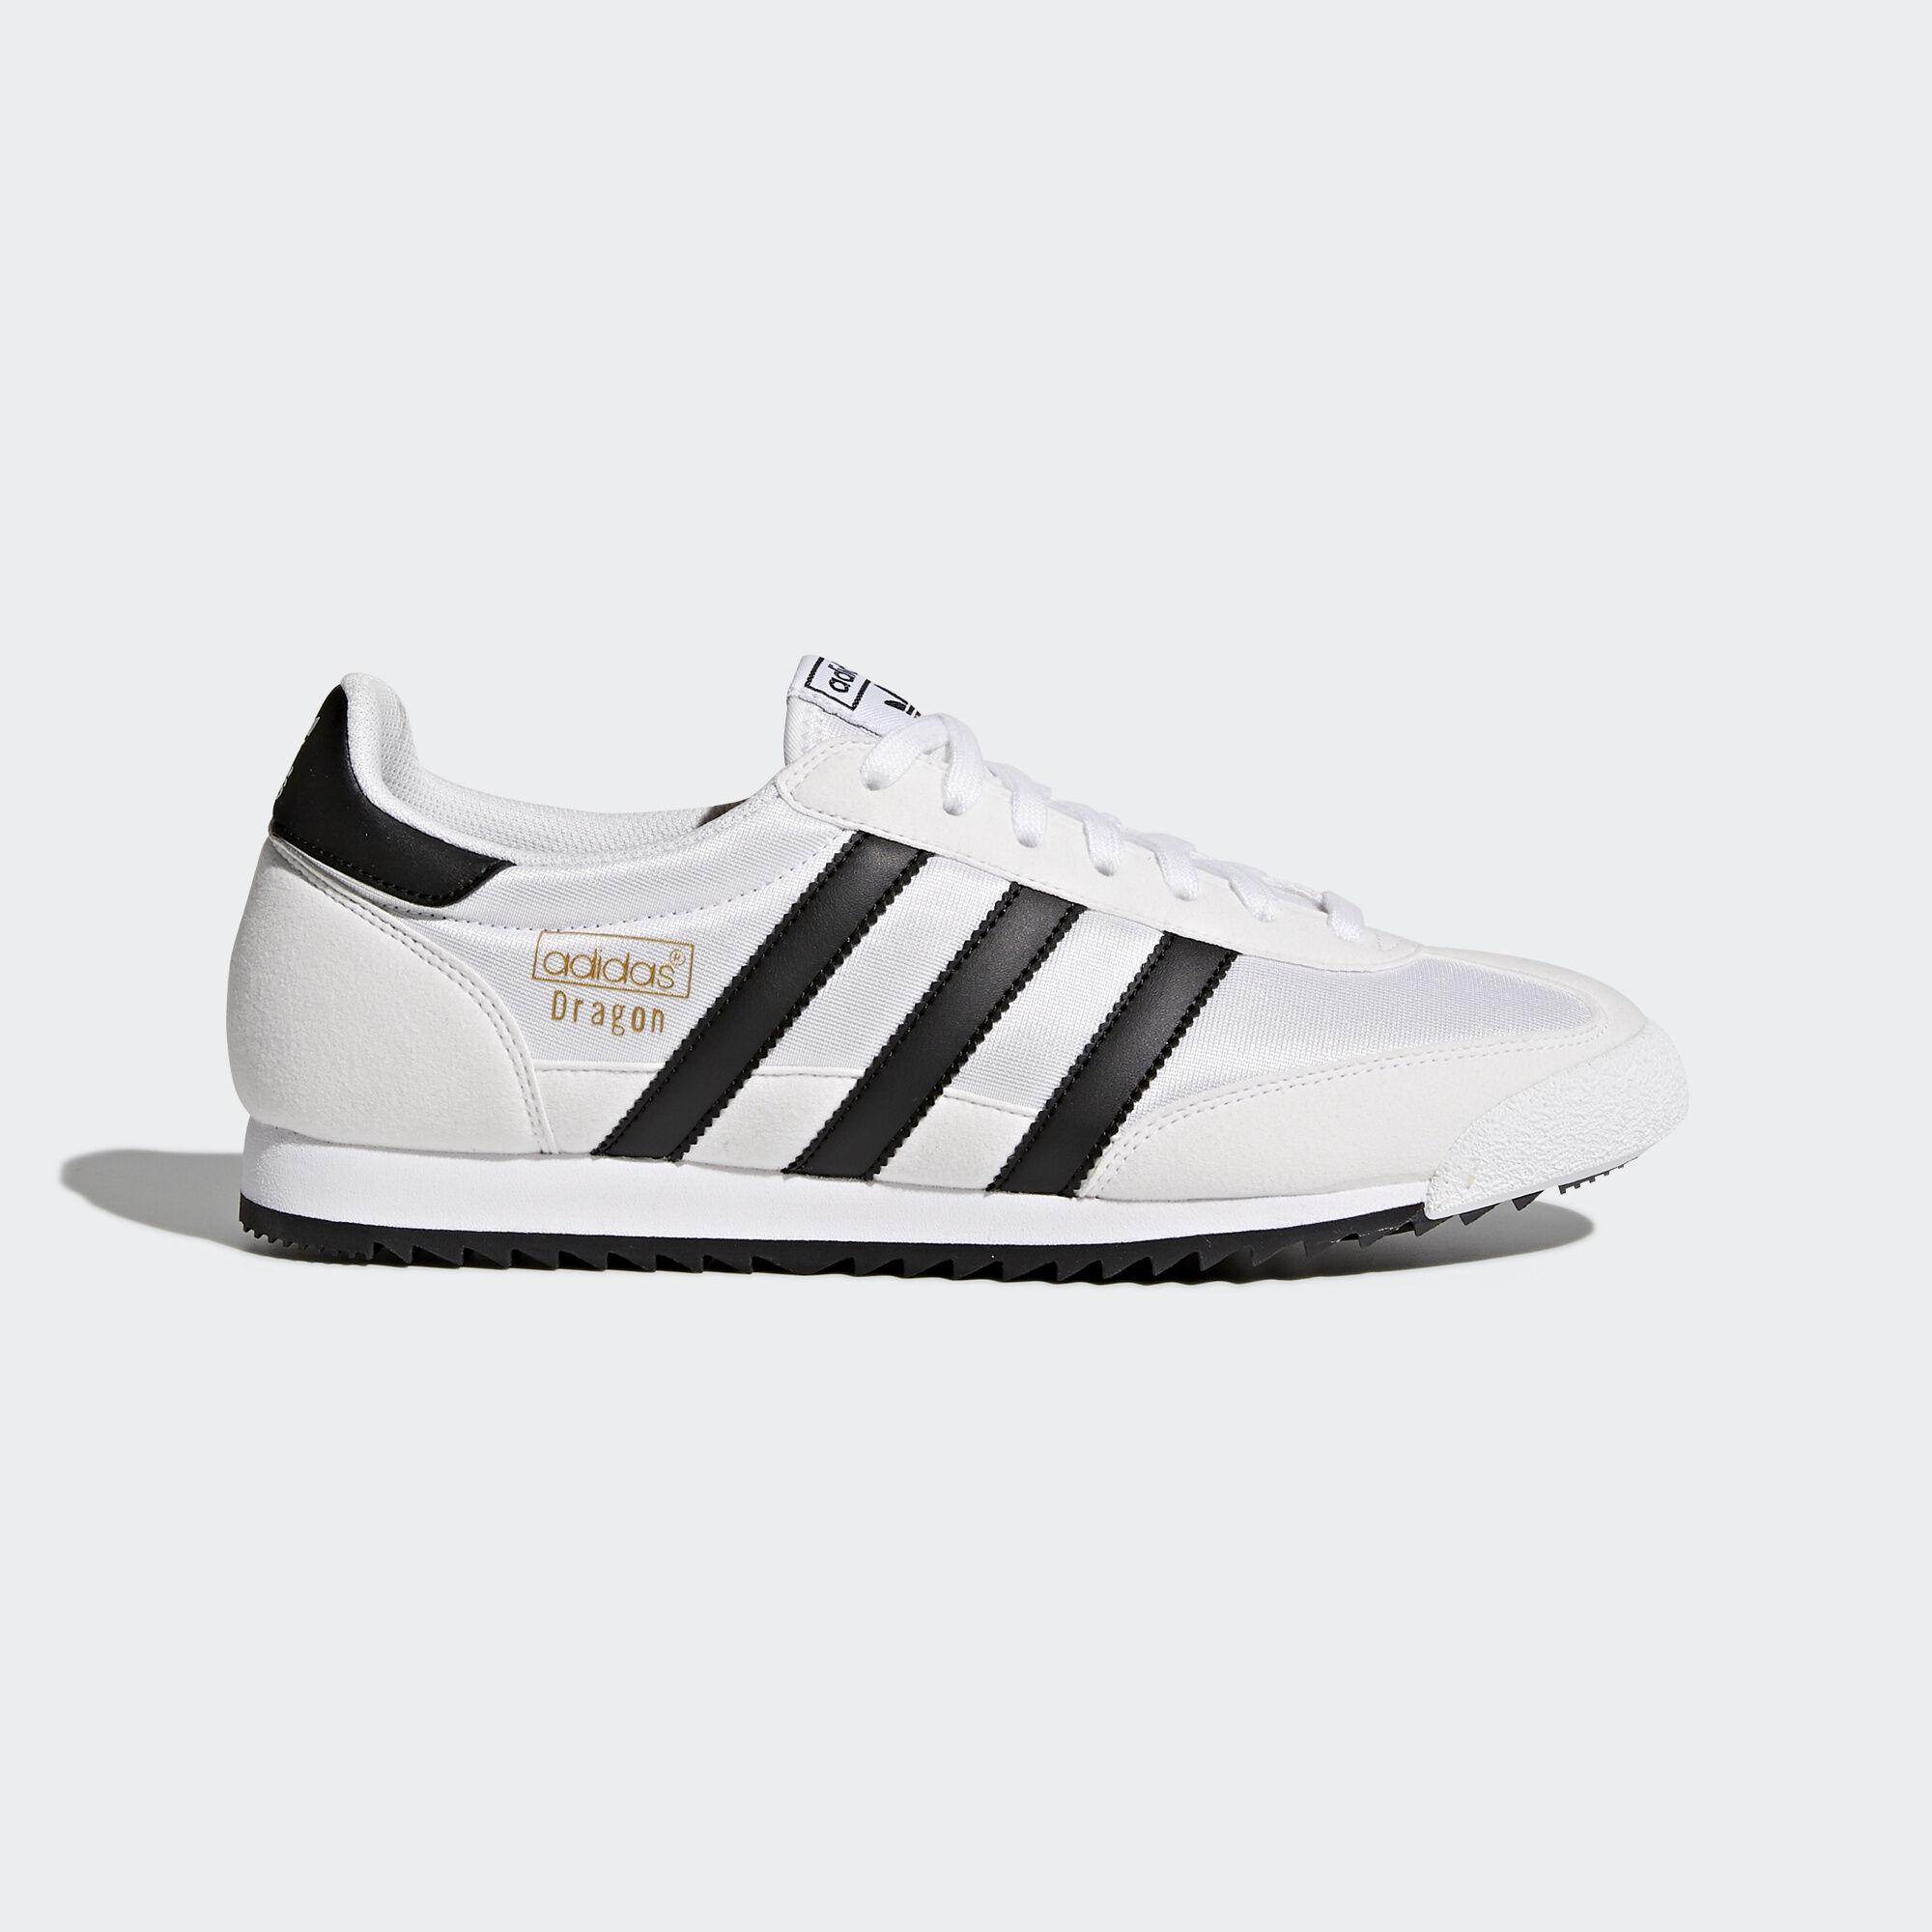 adidas dragon mens shoes